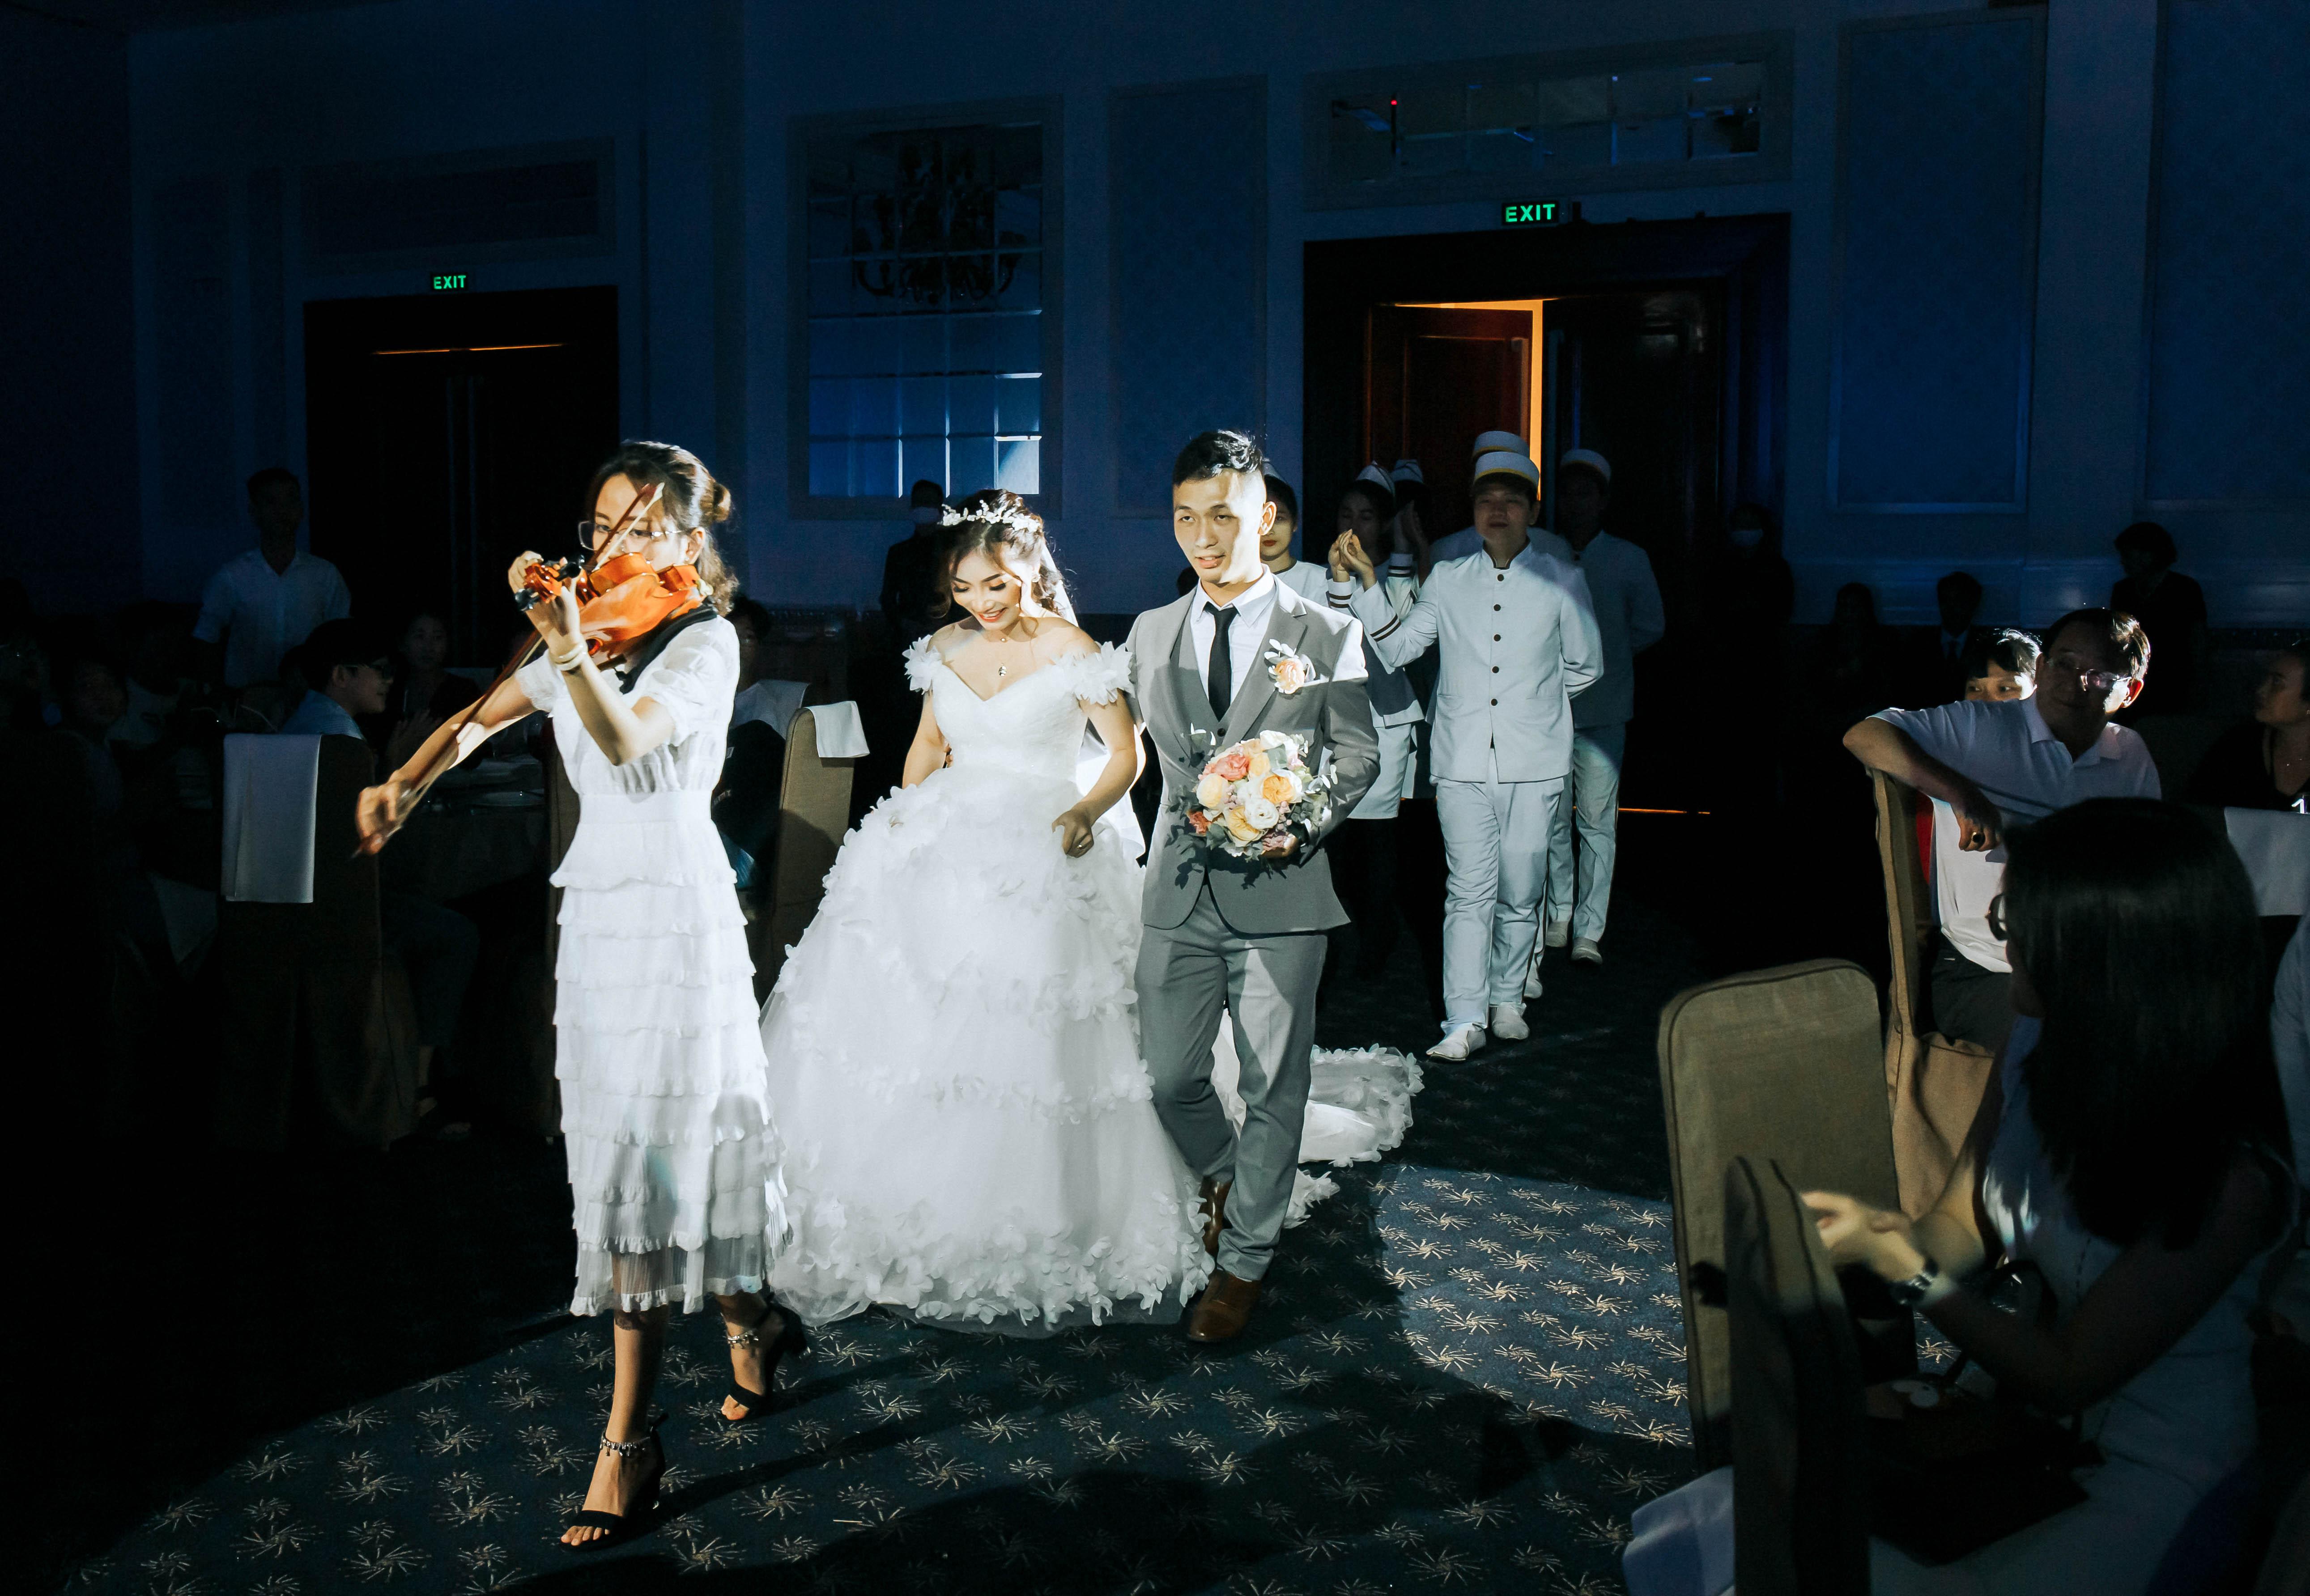 Share your wedding: Chia sẻ từ cô dâu Huệ Phạm và chú rể Viết Kiệt trong ngày đám cưới trọng đại tại Grand Palace ngày 17/05/2020